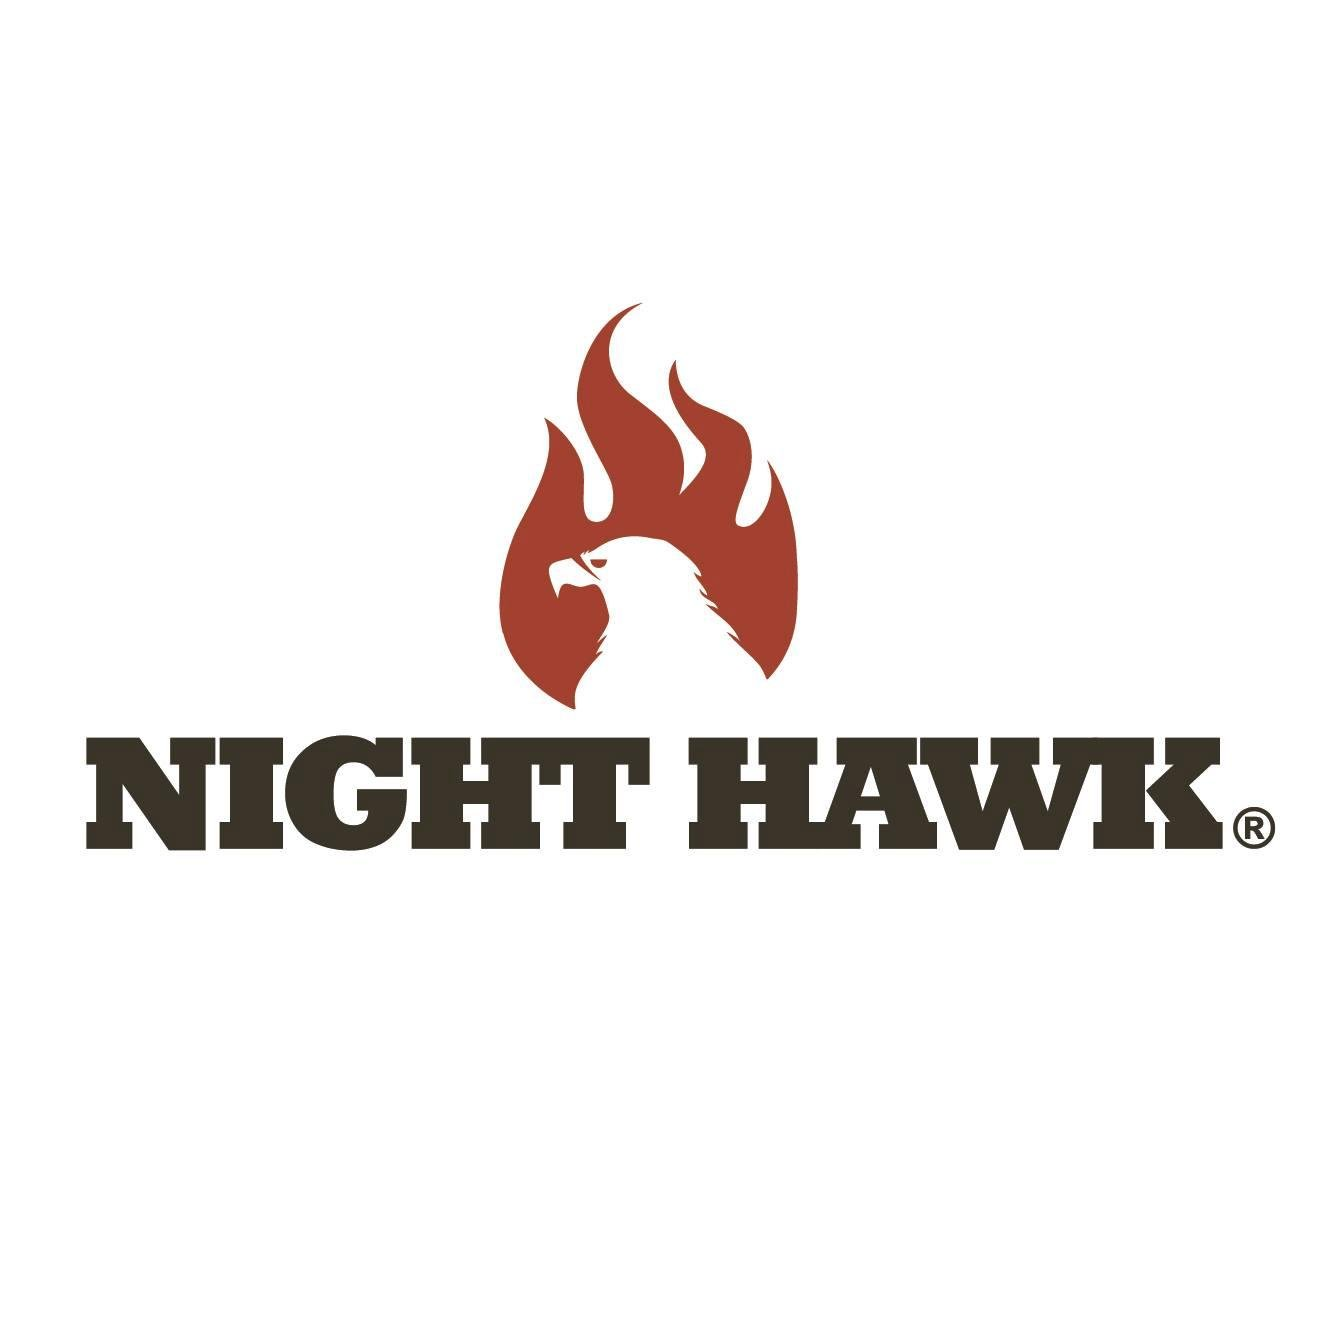 @NightHawkFoods